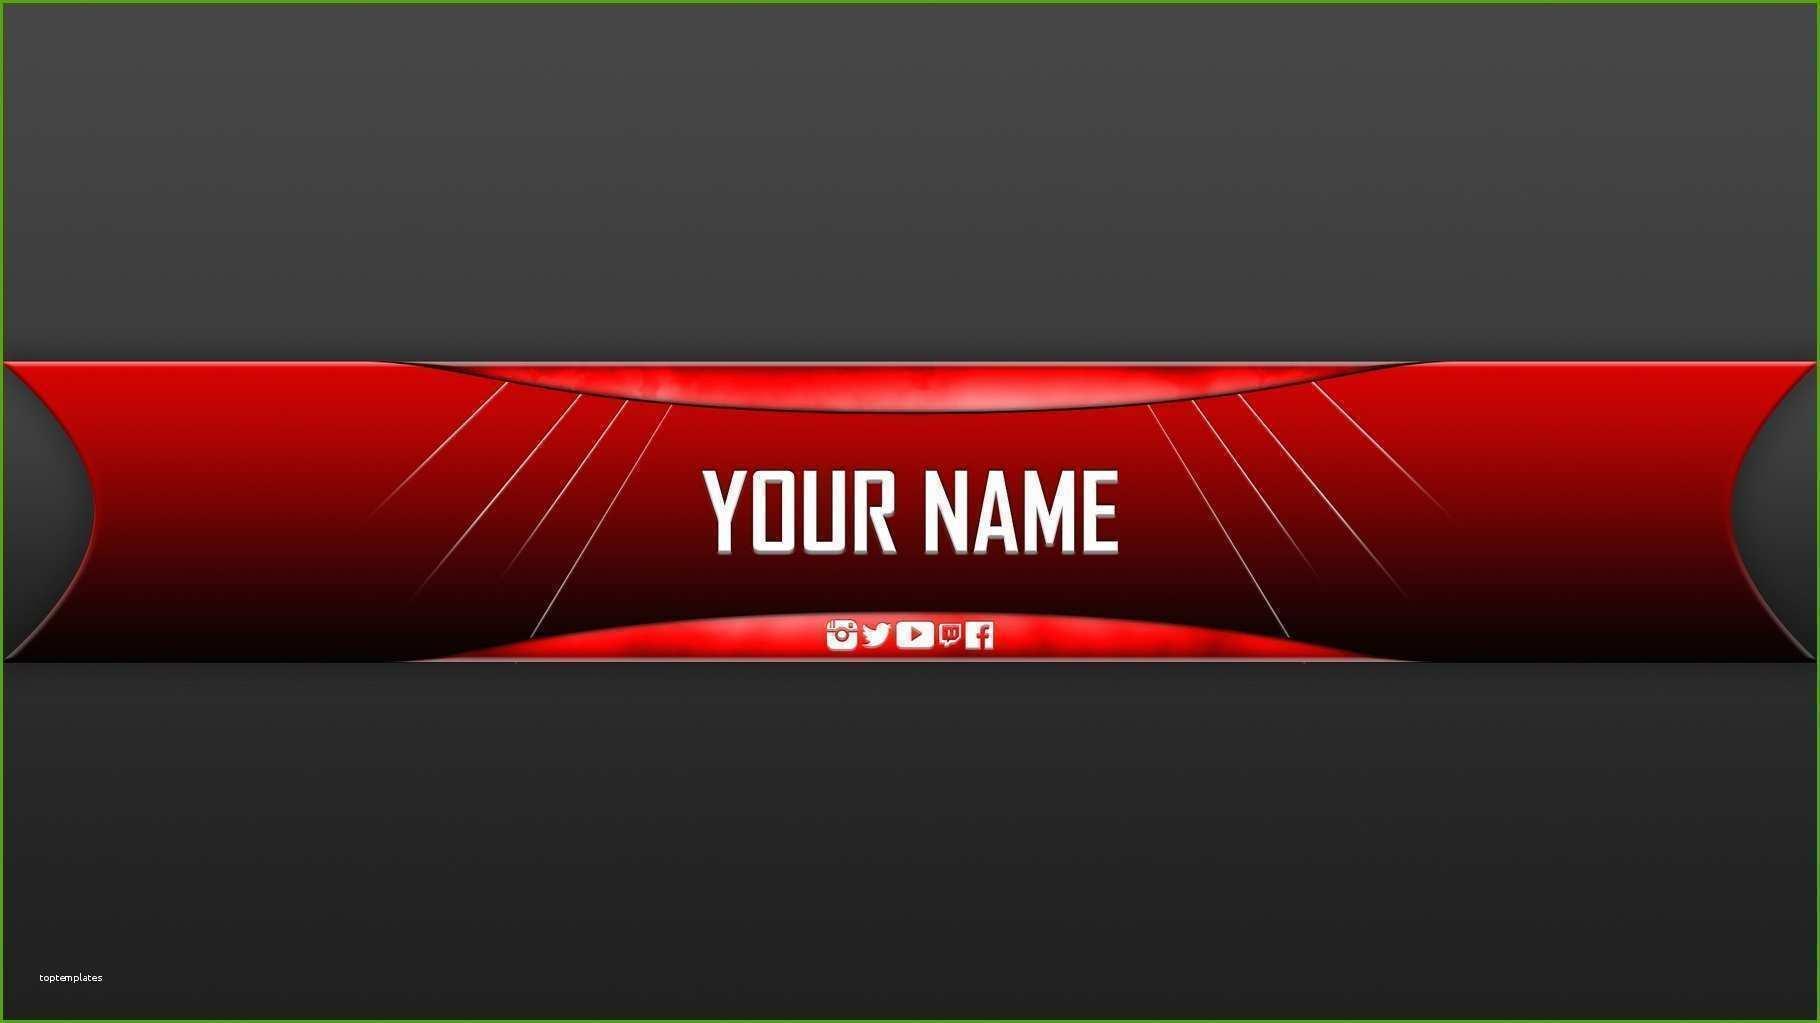 Youtube Kanalbanner Vorlage Gute Youtube Gaming Banner Template Banner Ideen Banner Template Banner